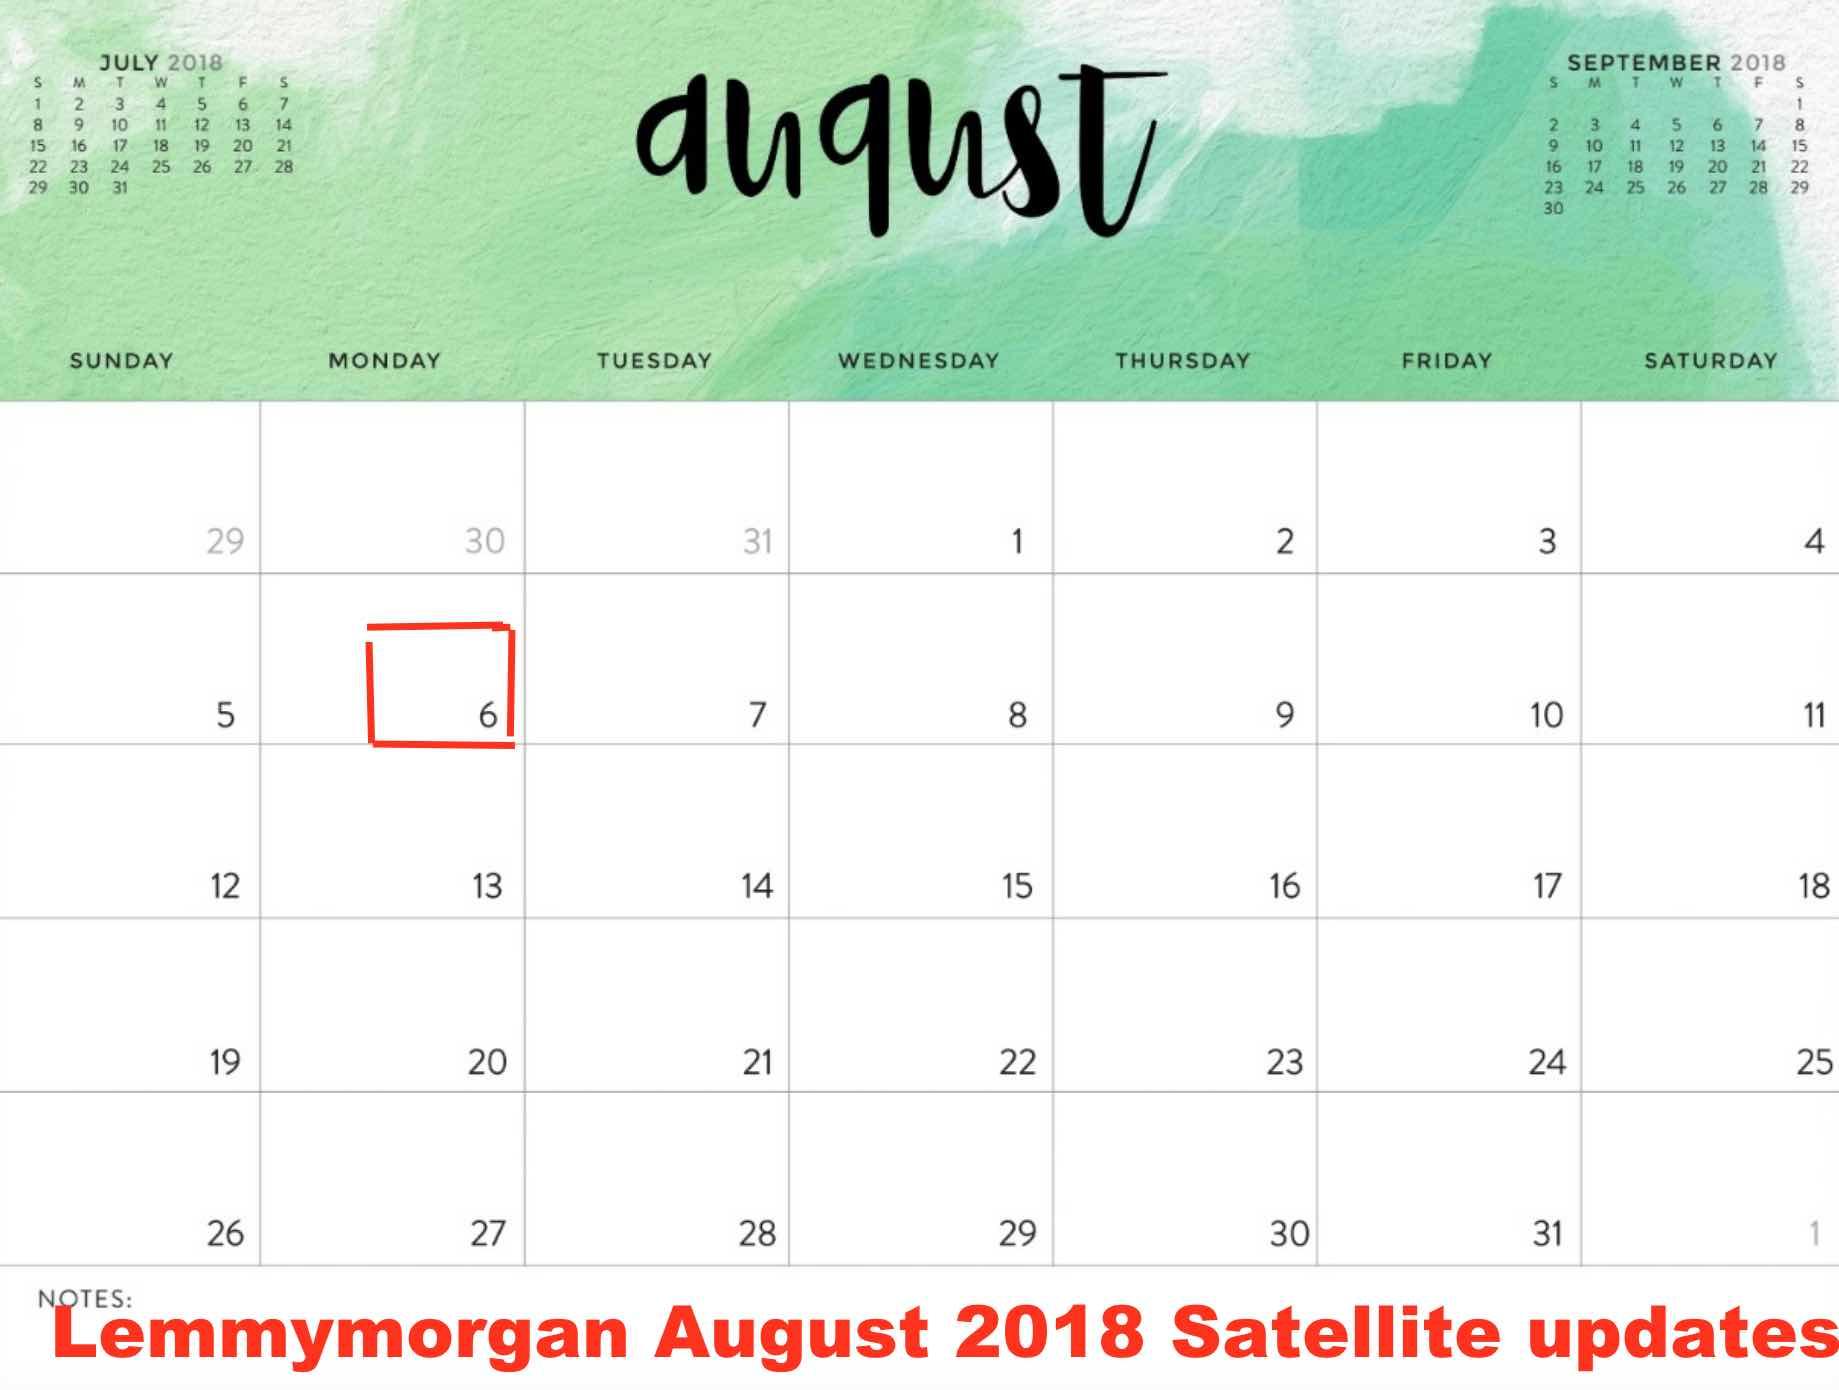 Lemmy morgan update August 2018